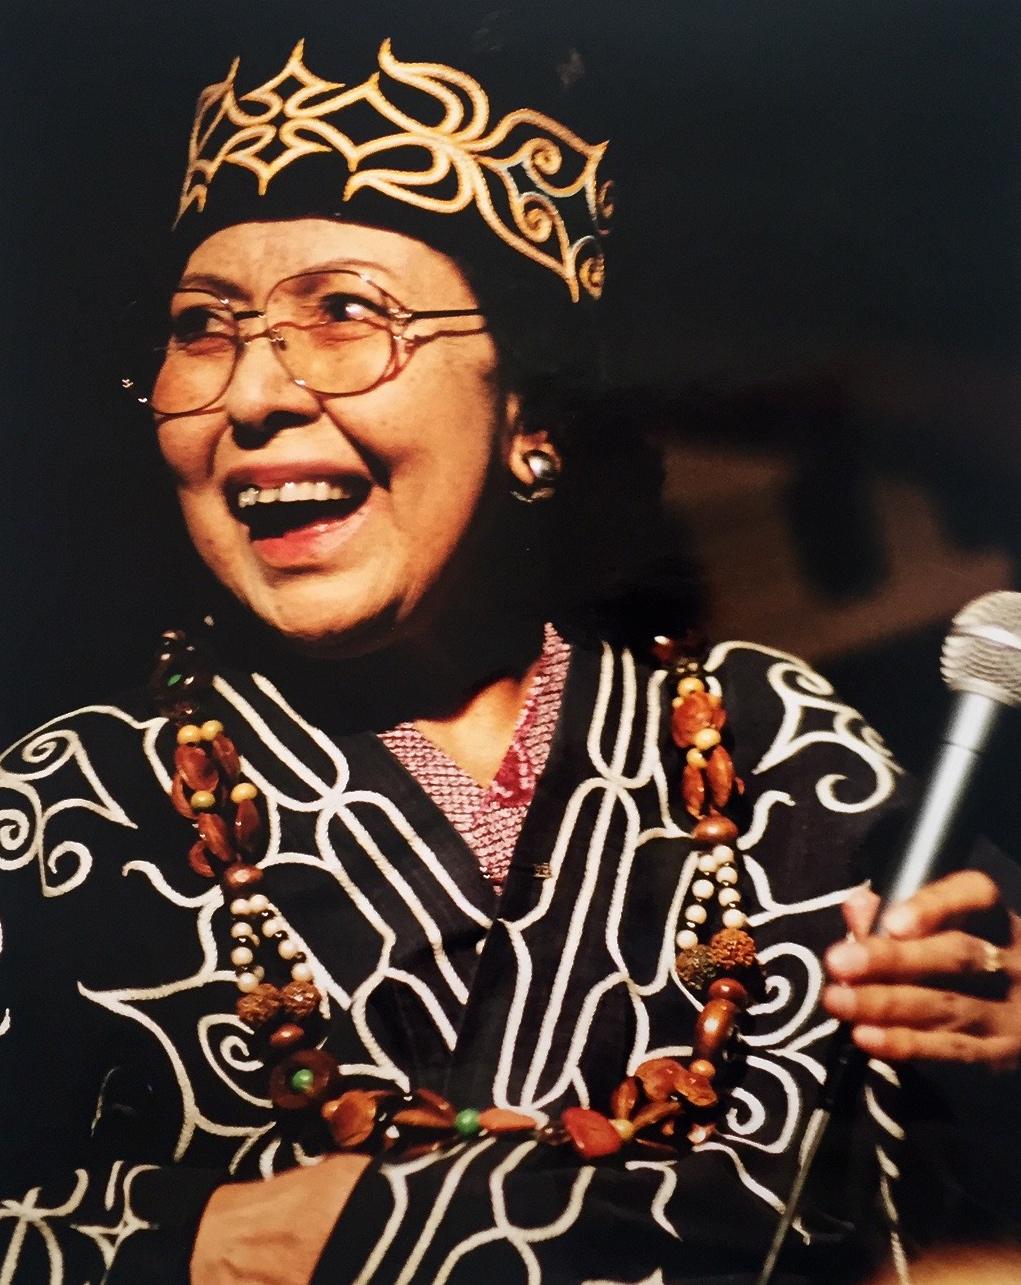 The magic music of Umeko Ando | Kaput Mag